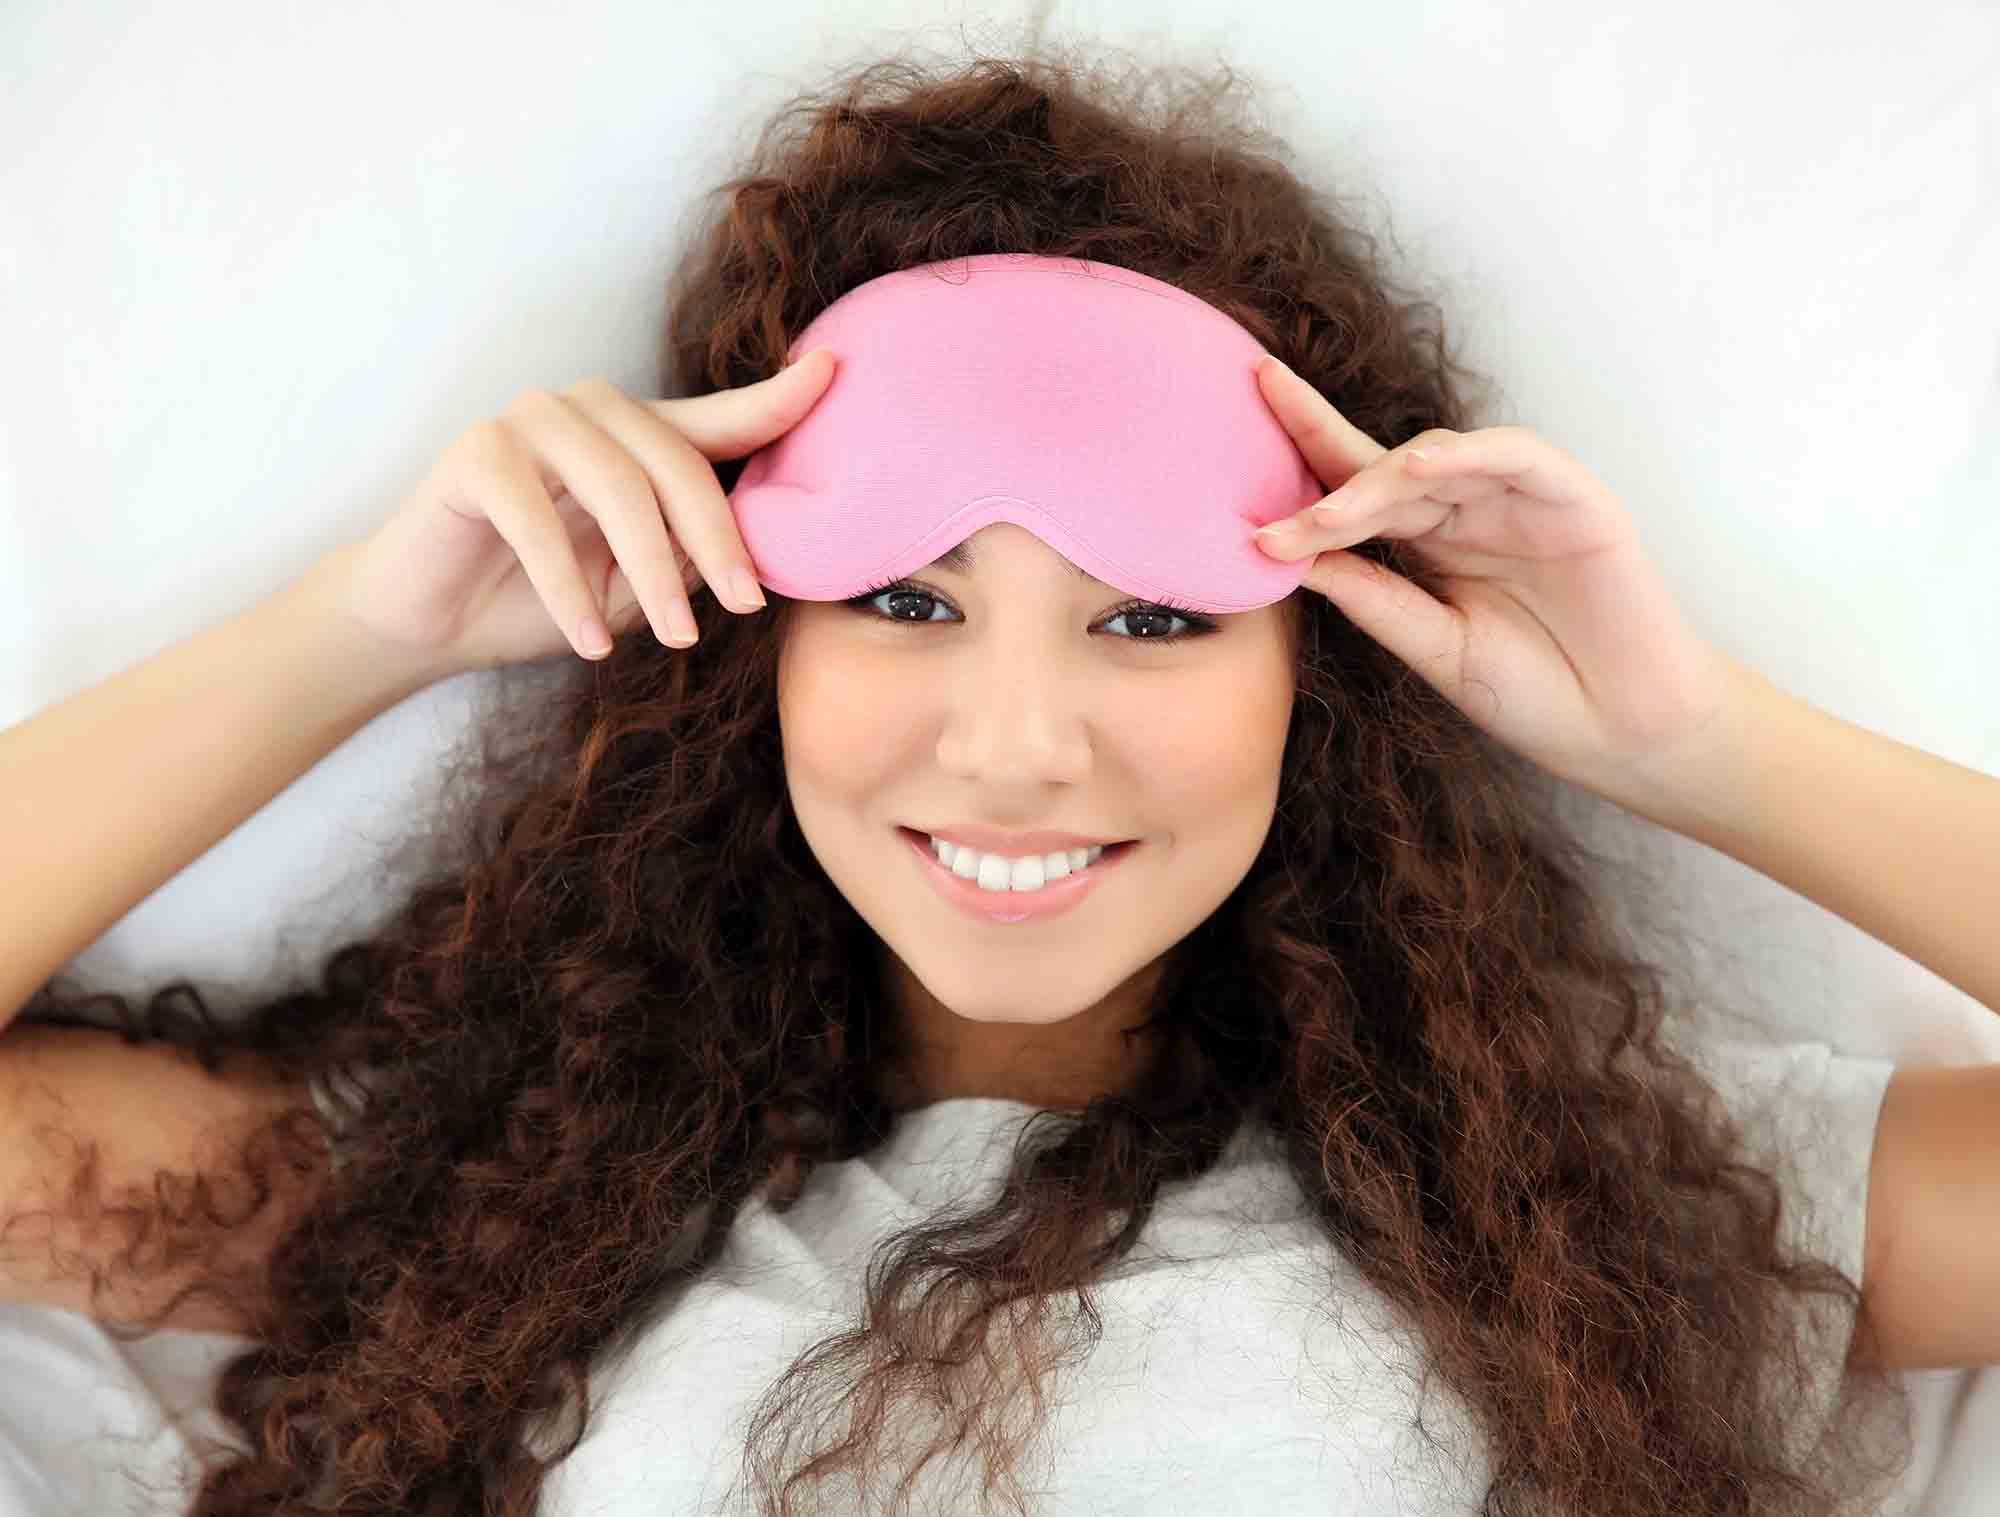 sonoterapia tratamentos alternativos